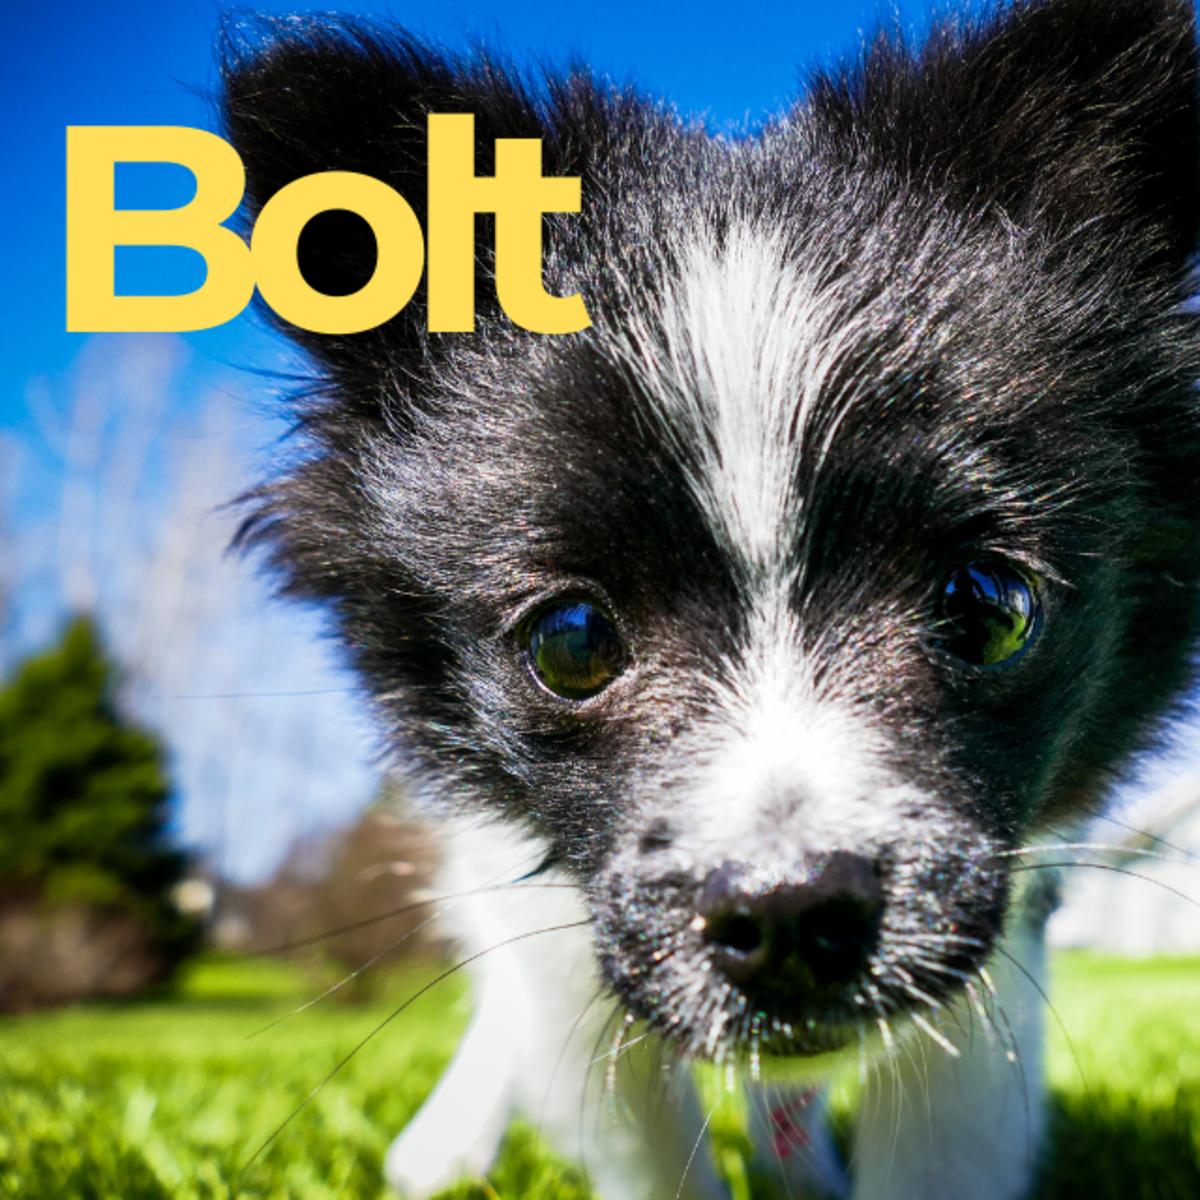 Puppy named Bolt